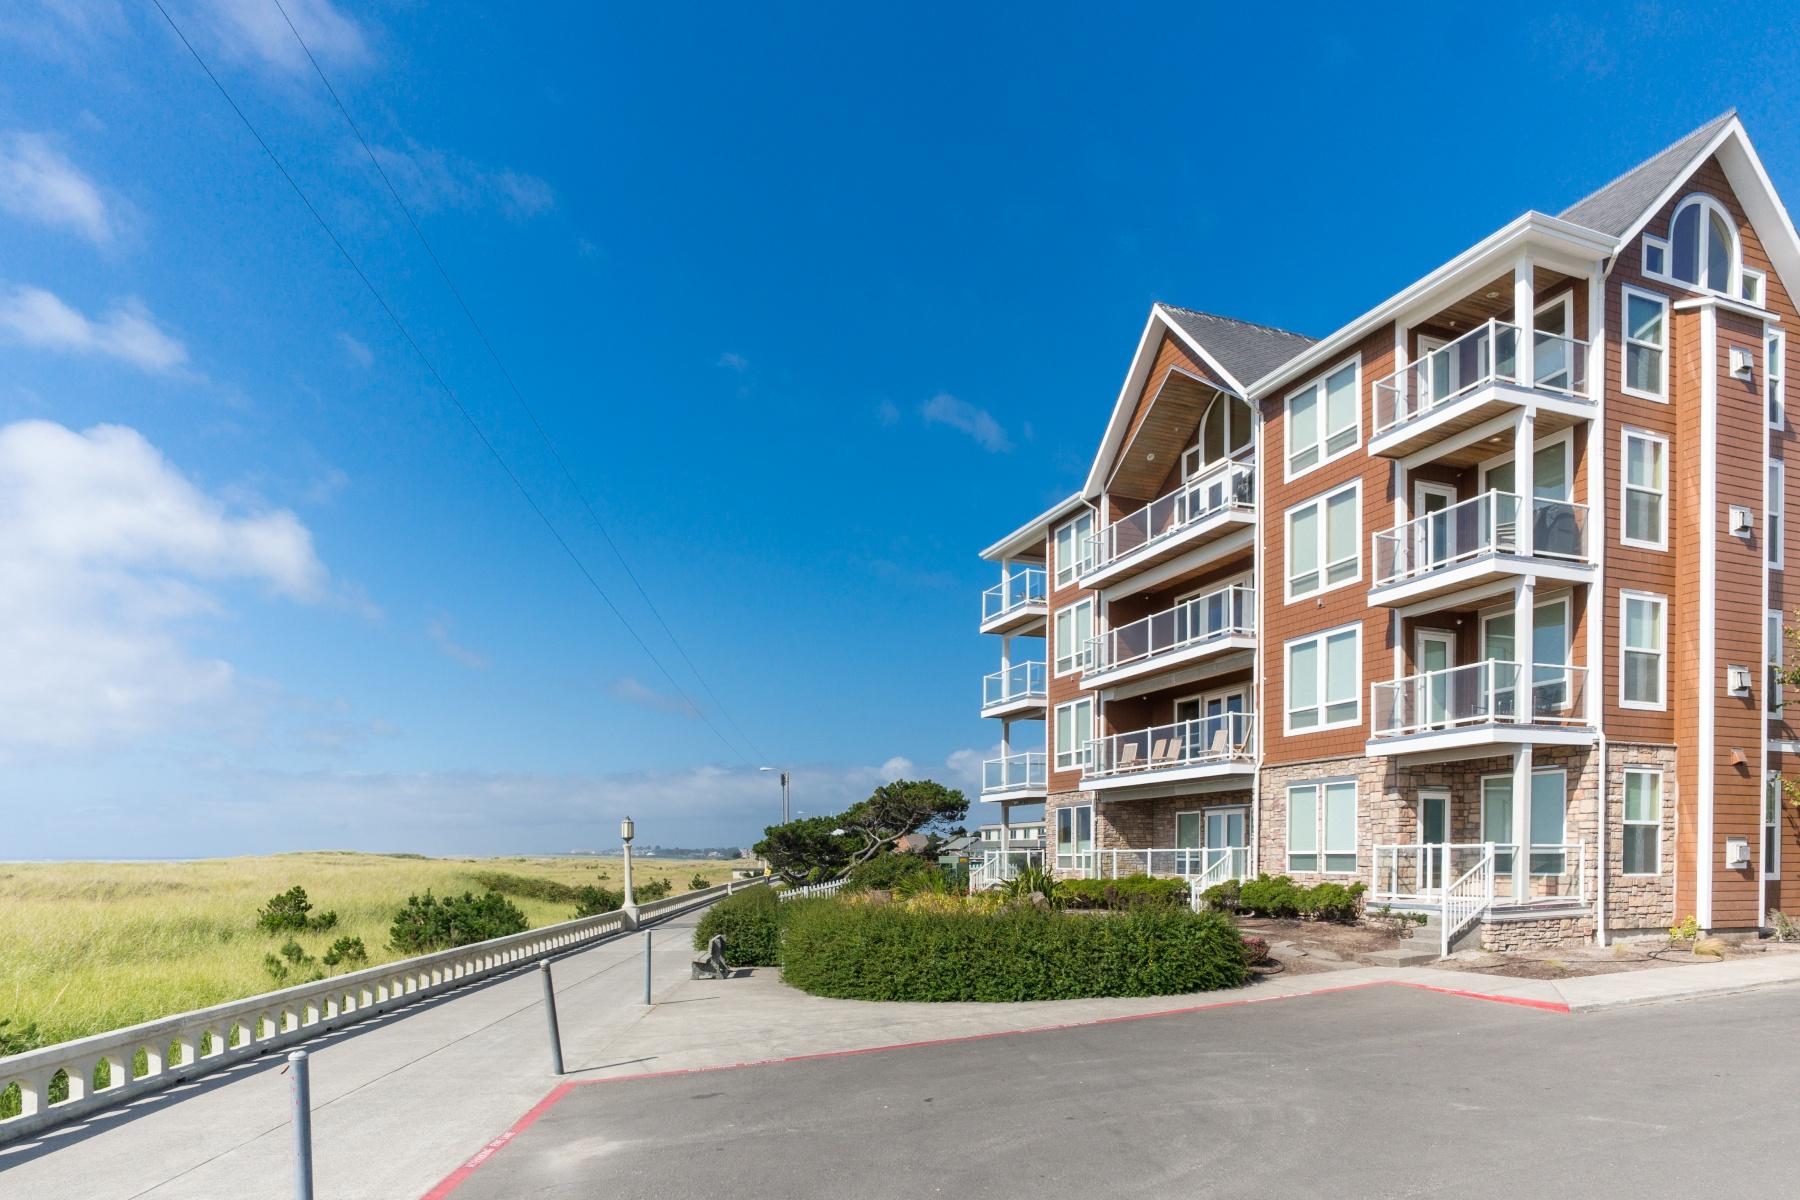 Eigentumswohnung für Verkauf beim 900 N Prom 202, SEASIDE Seaside, Oregon, 97138 Vereinigte Staaten